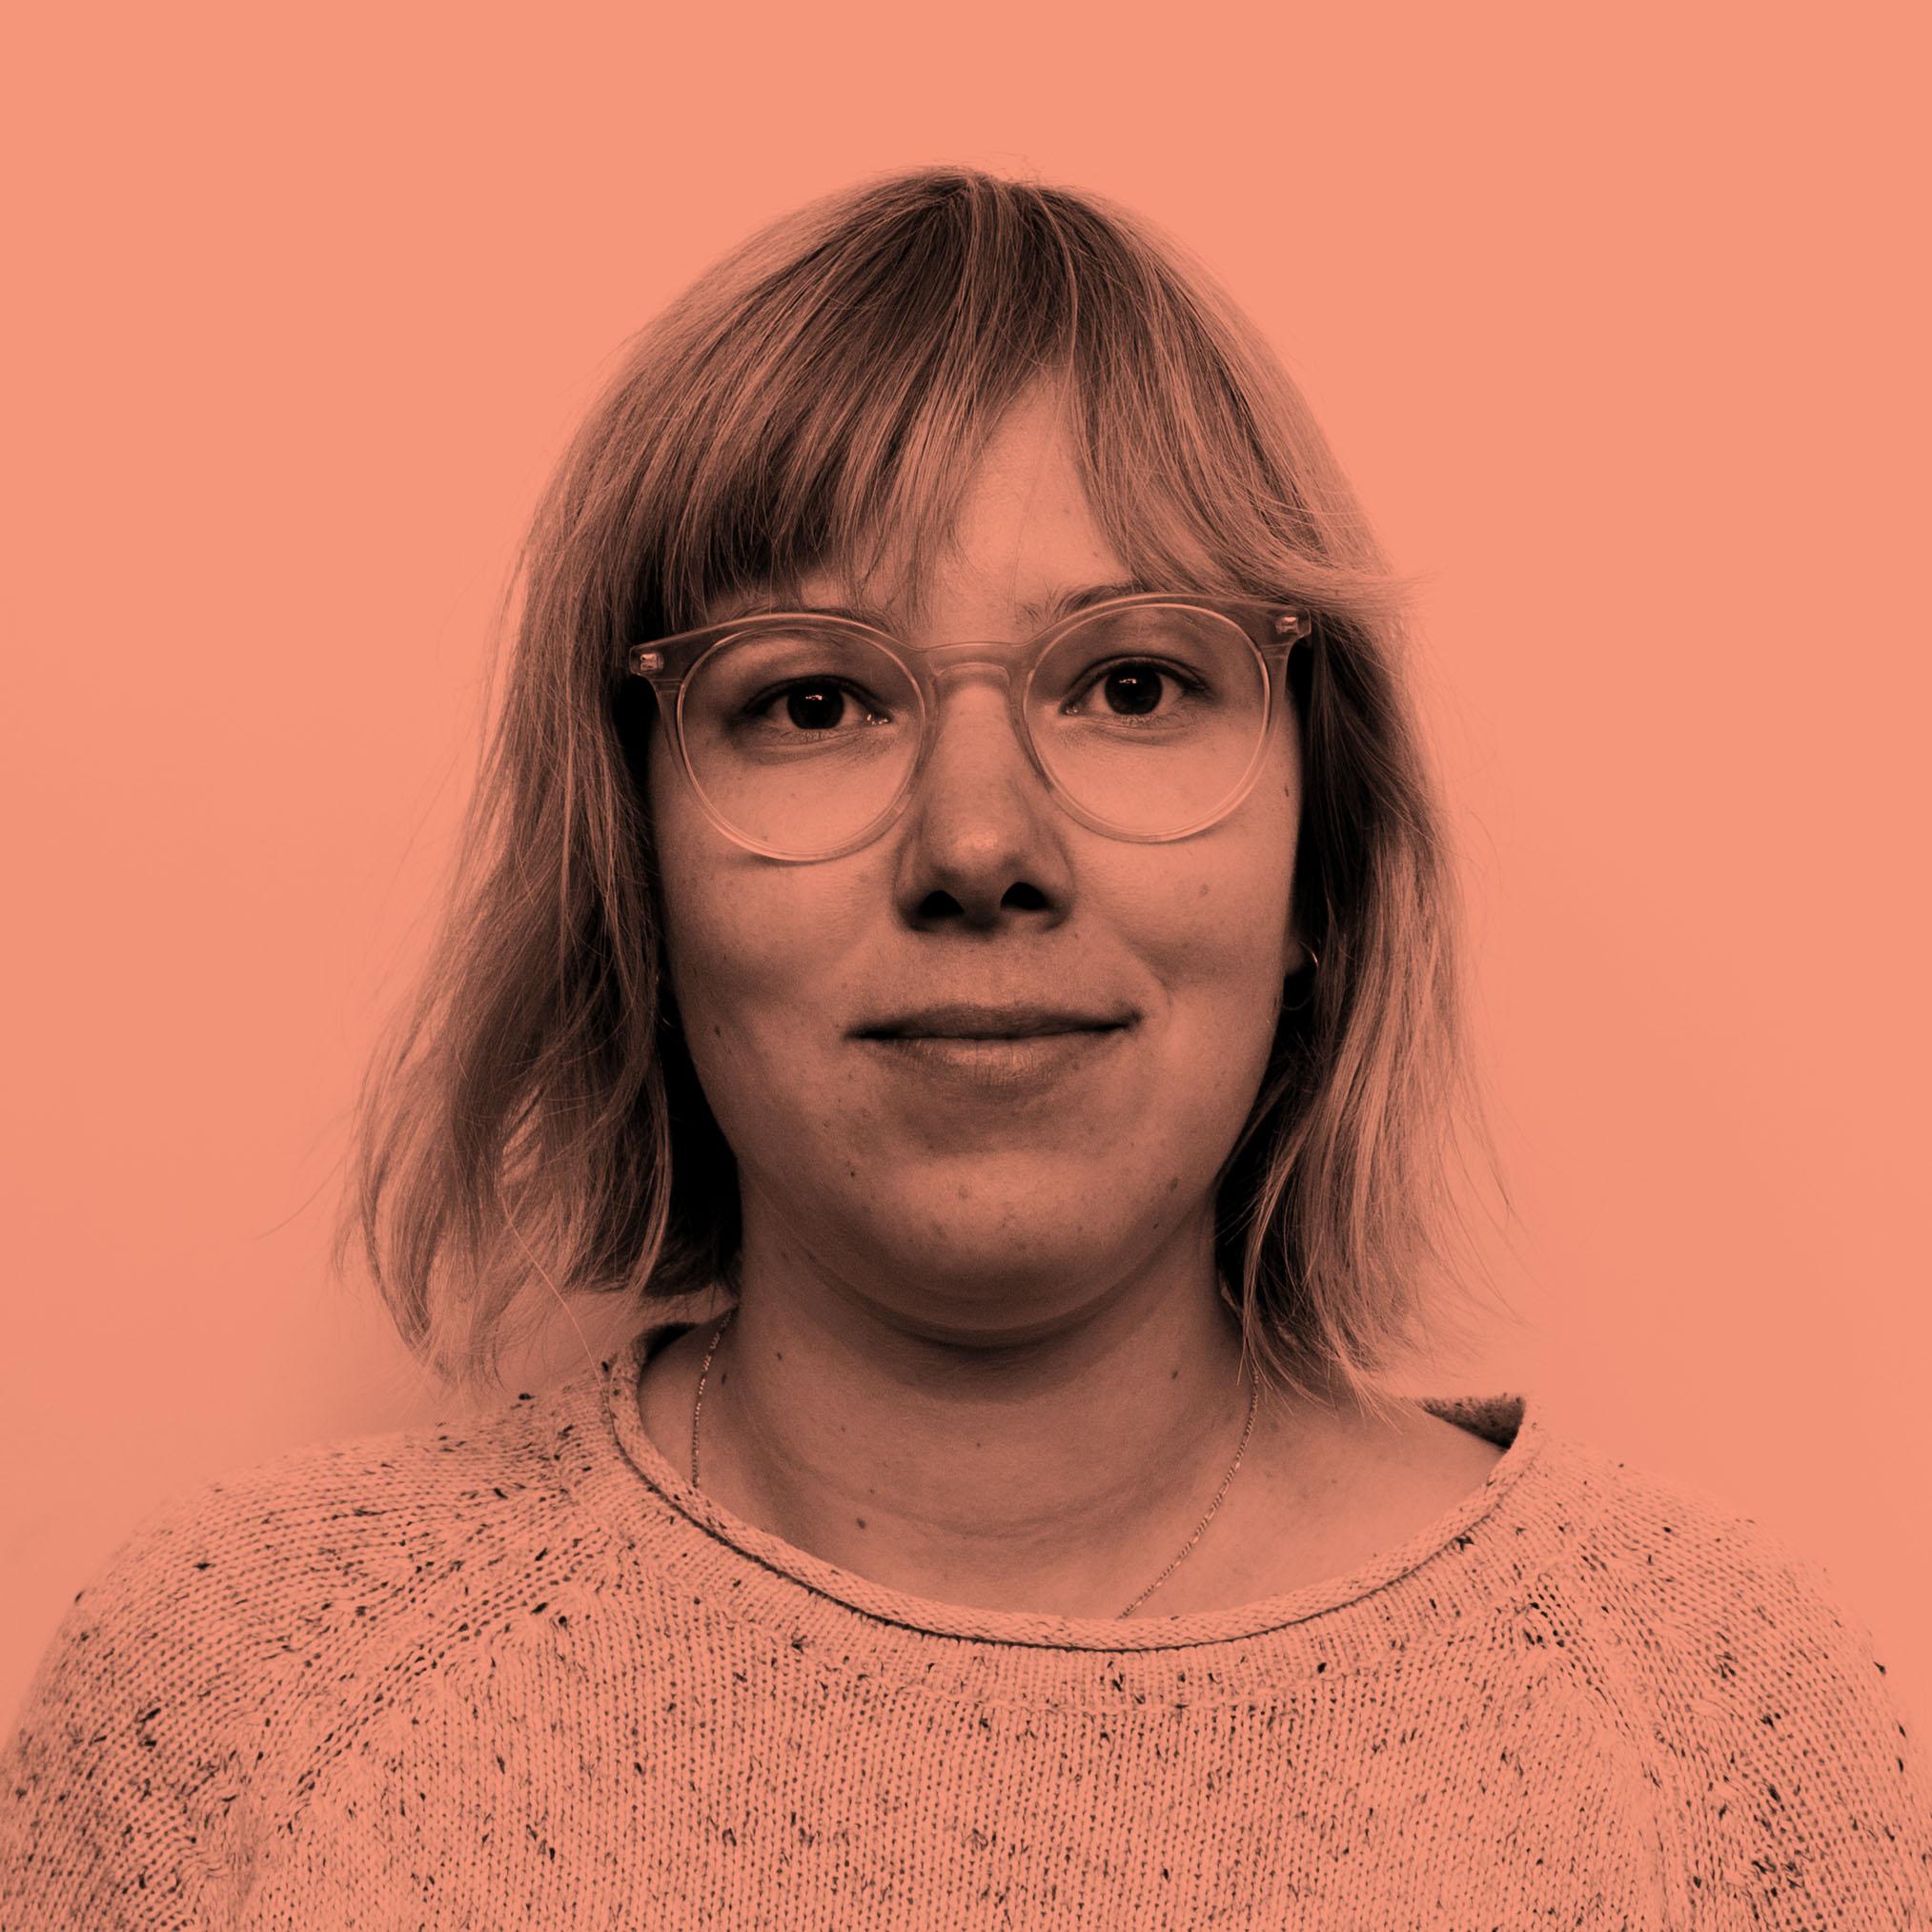 Emma van Veenen